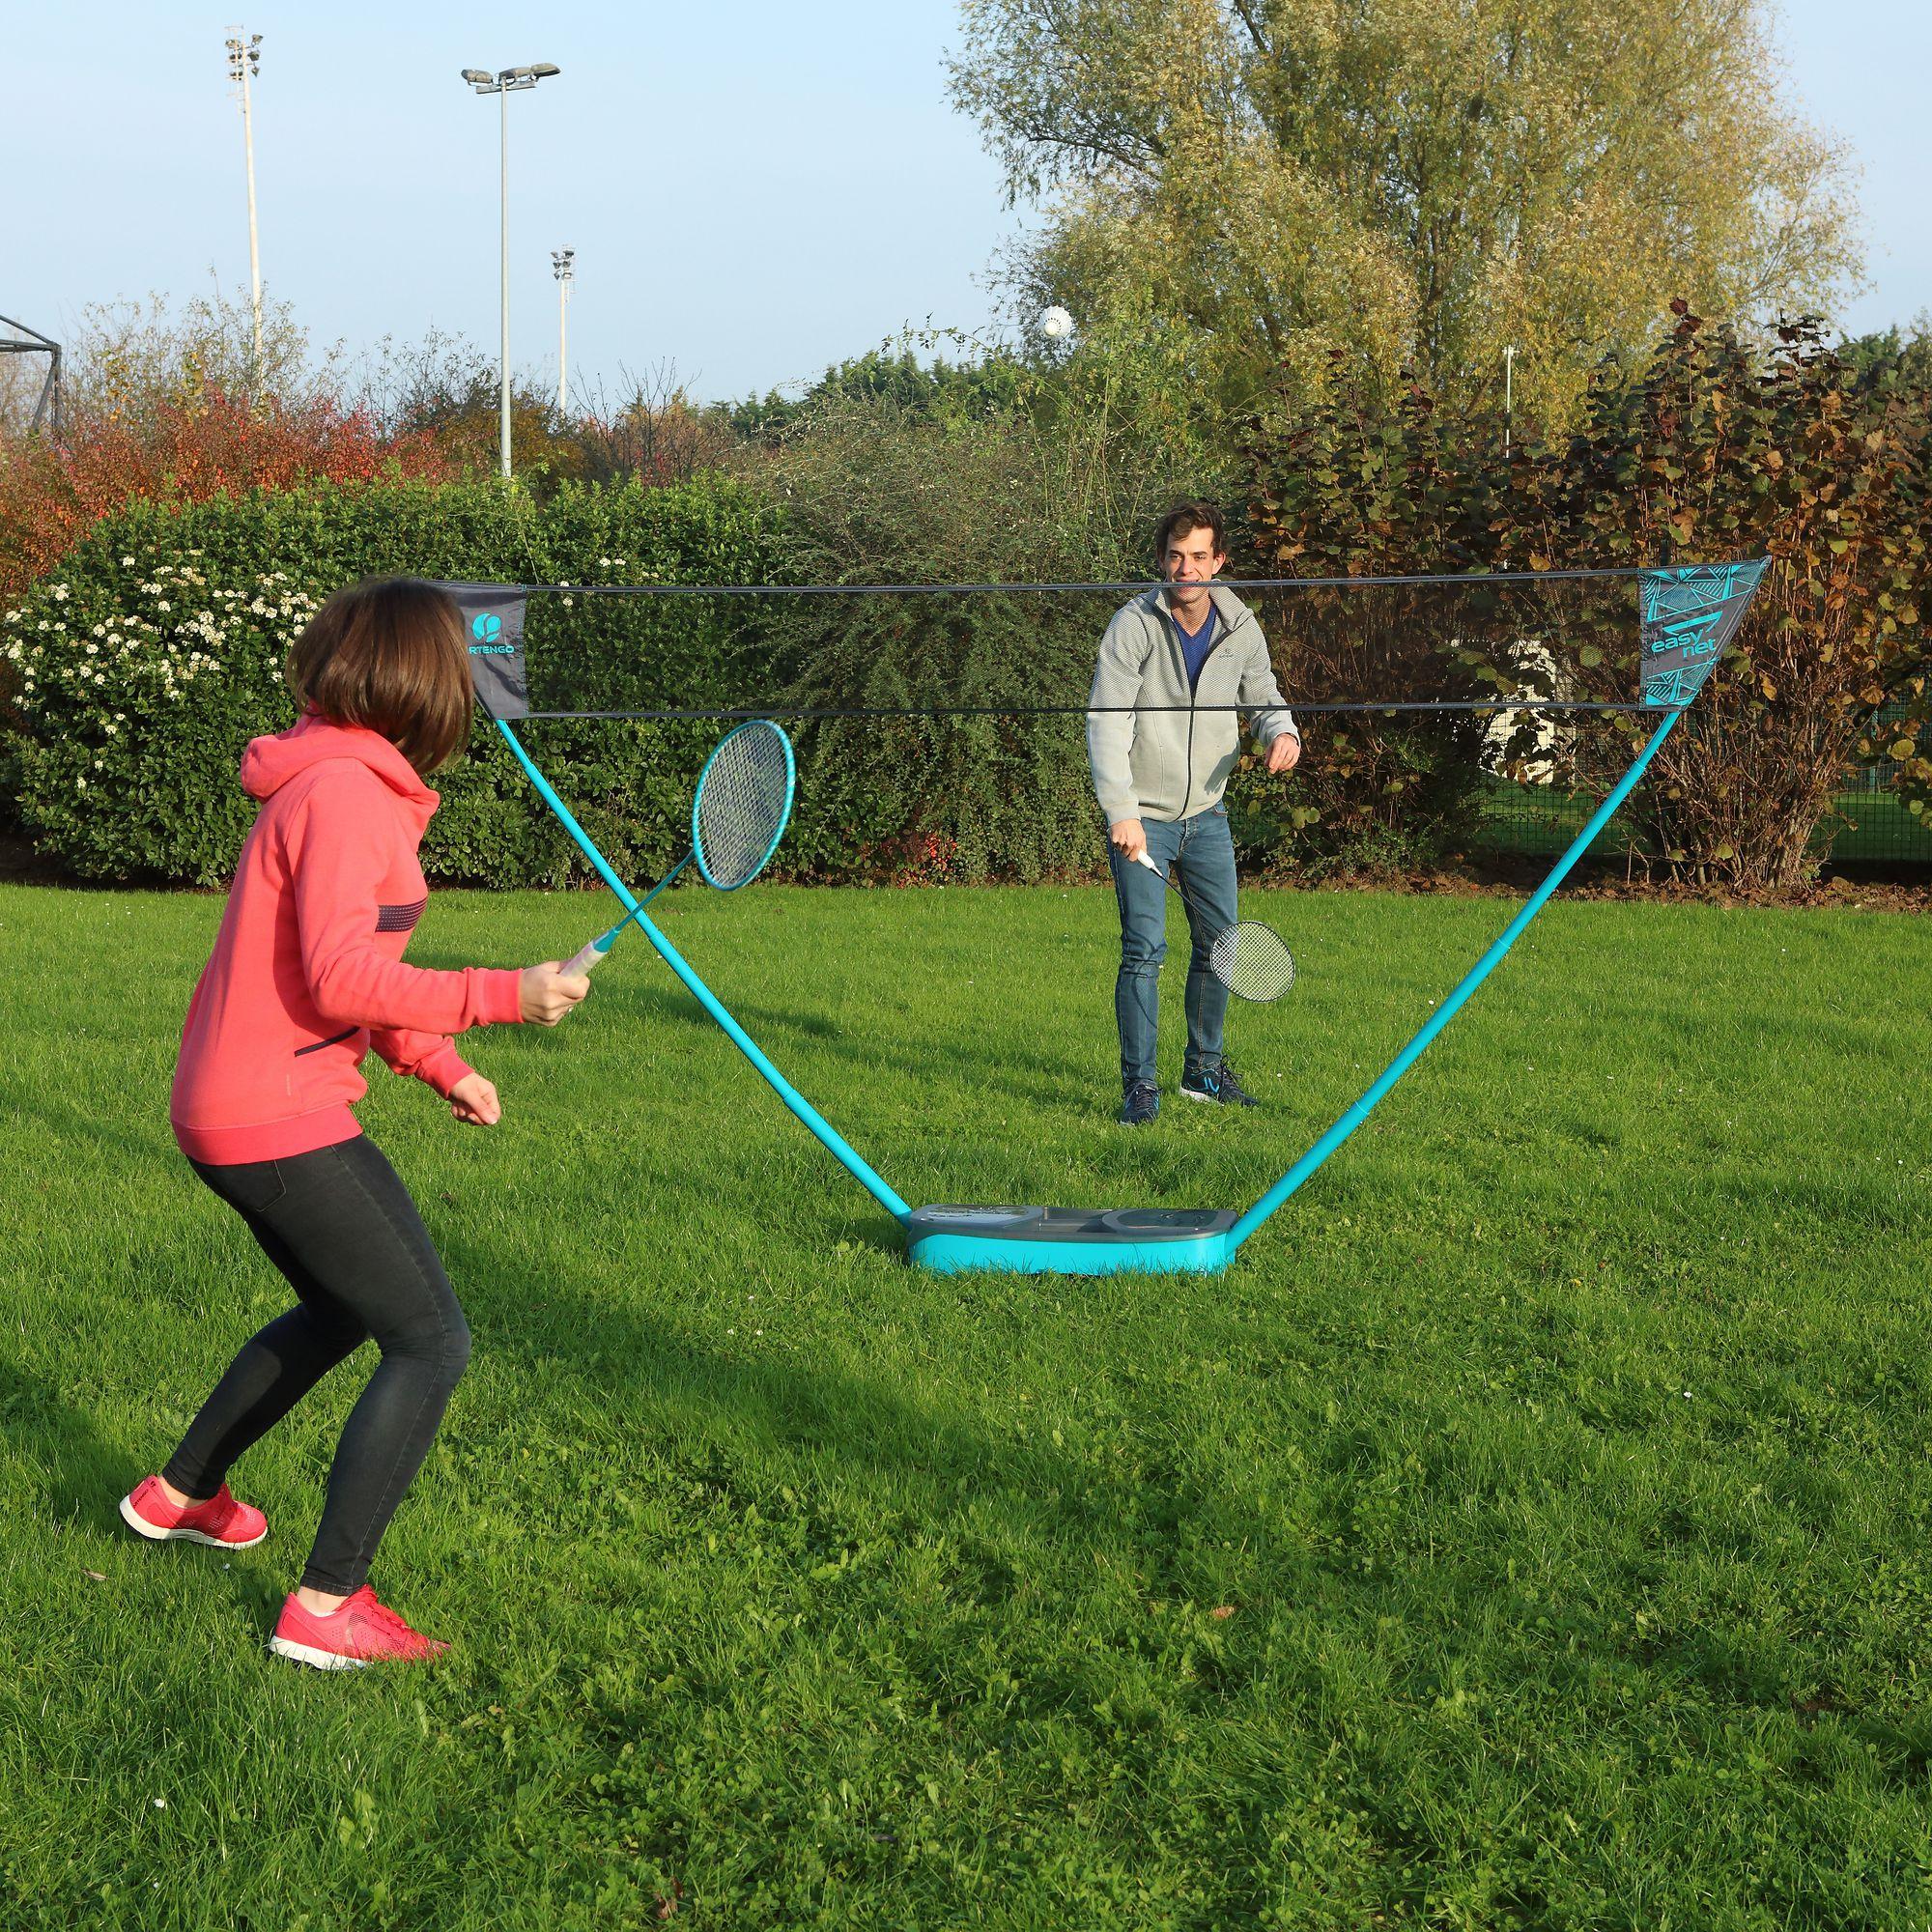 Filet de badminton easy set 3m grey green clubs collectivit s decathlon pro - Jeux plein air decathlon ...